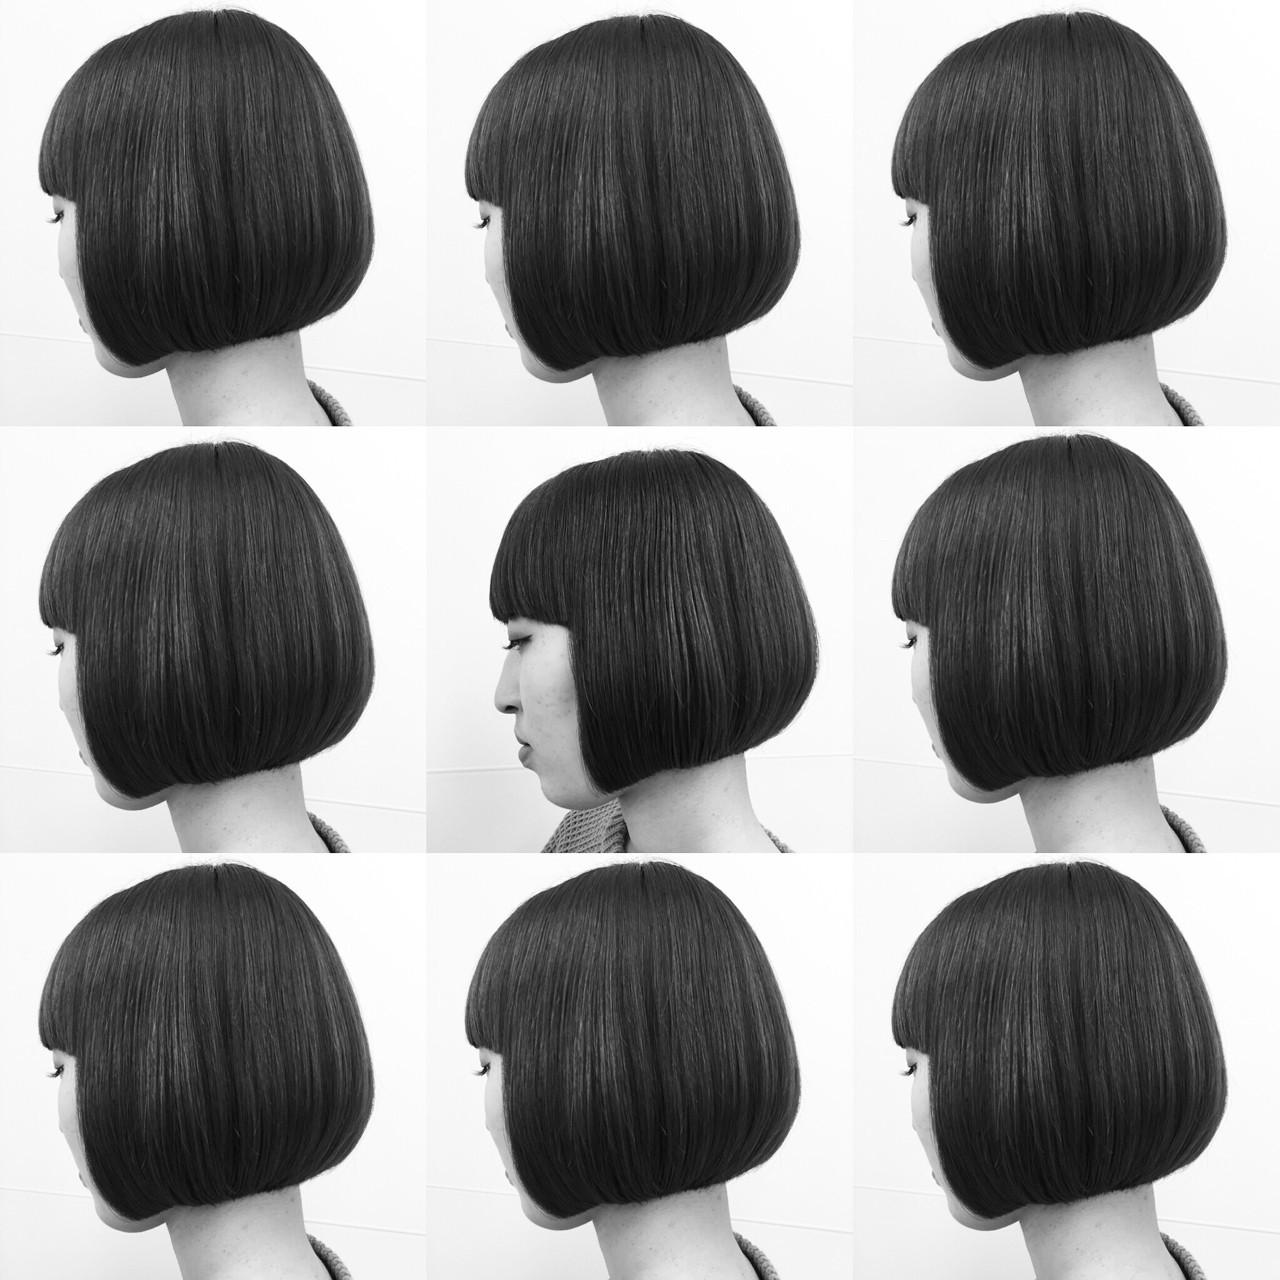 黒髪 モード ボブ 抜け感 ヘアスタイルや髪型の写真・画像